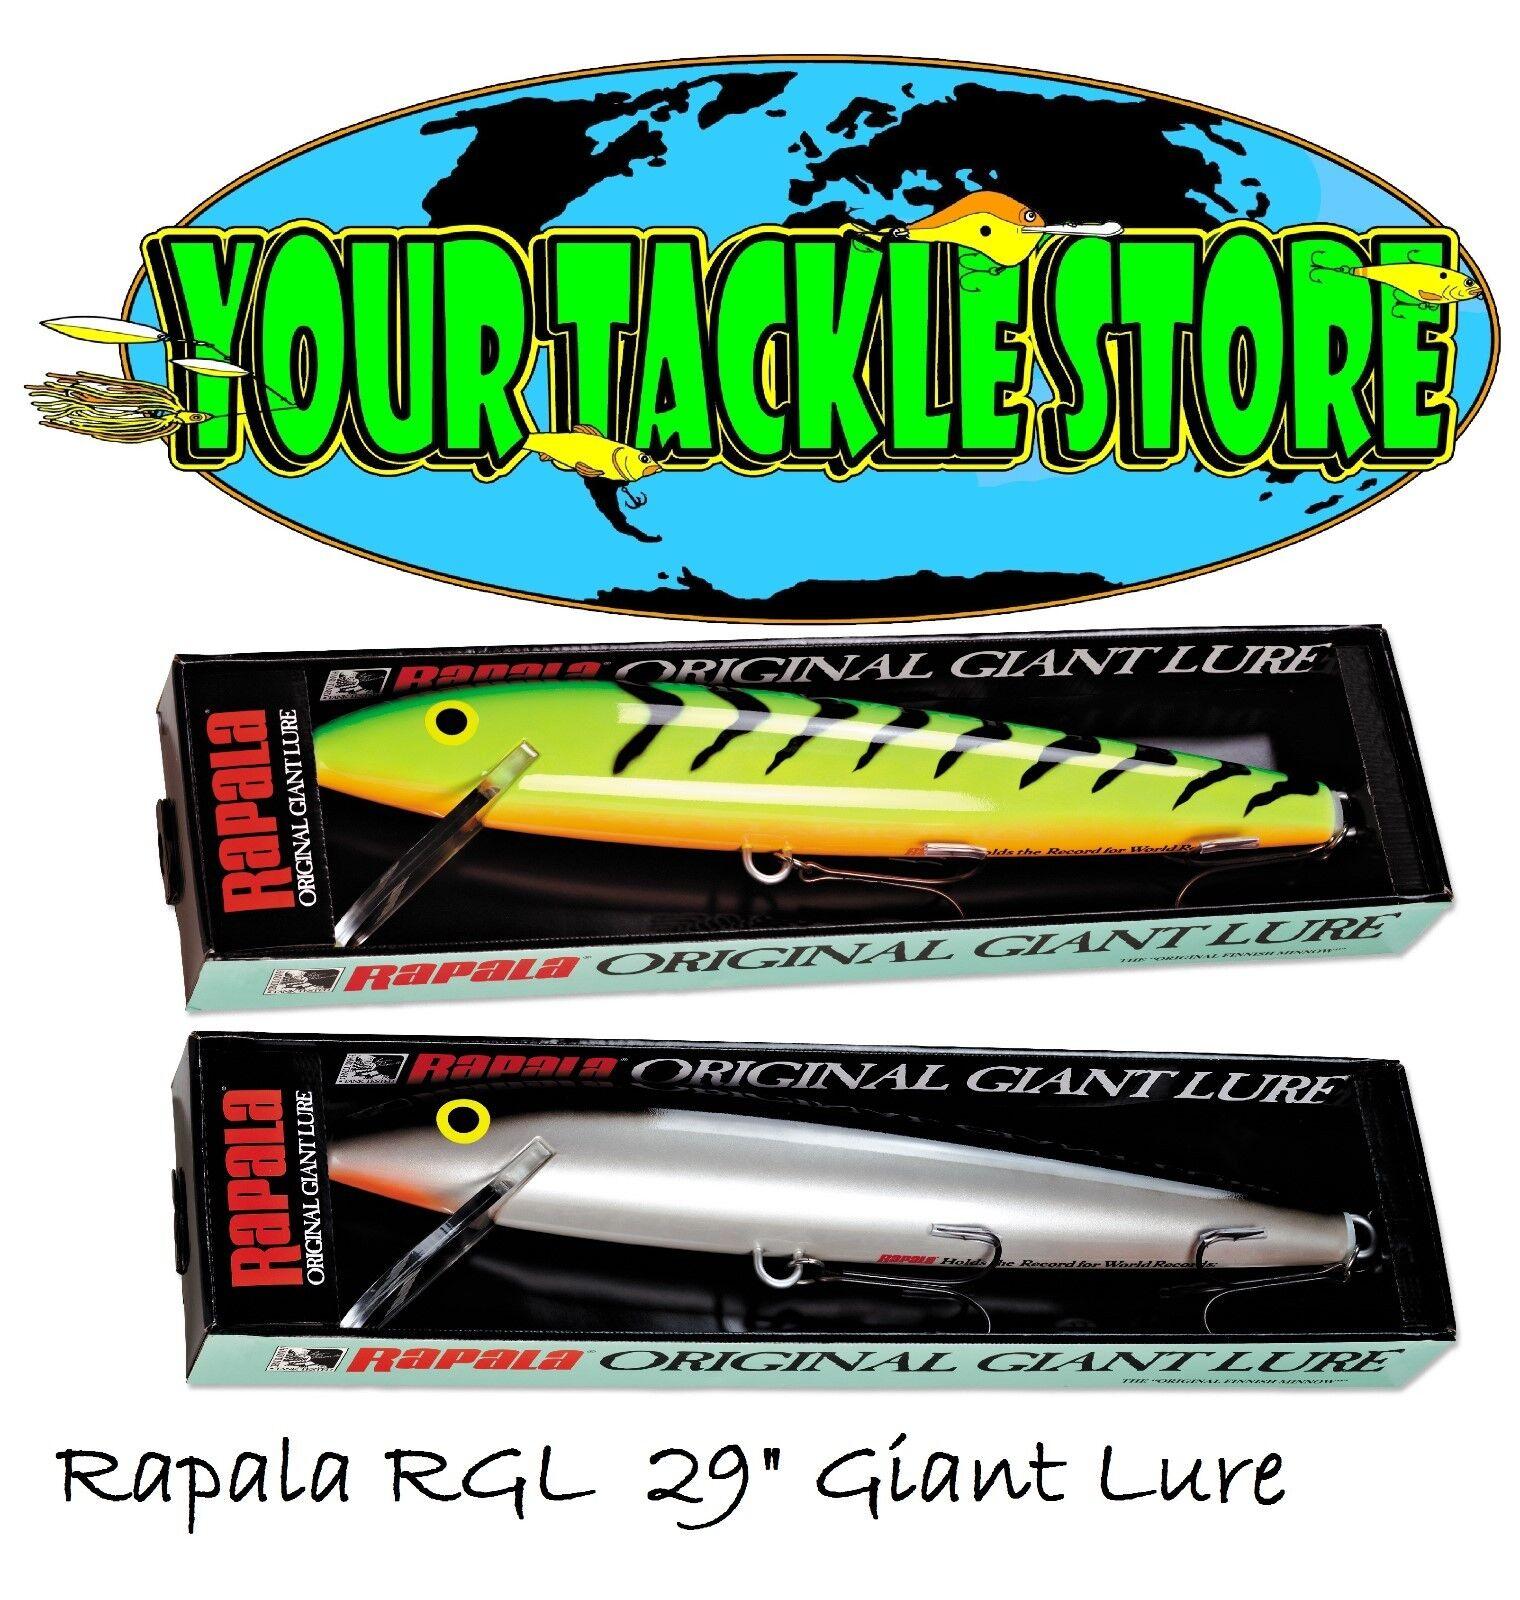 Rapala Rgl FT SB gigante Señuelo  & Elegir Color y Cantidad Nuevo en Paquete  mejor reputación